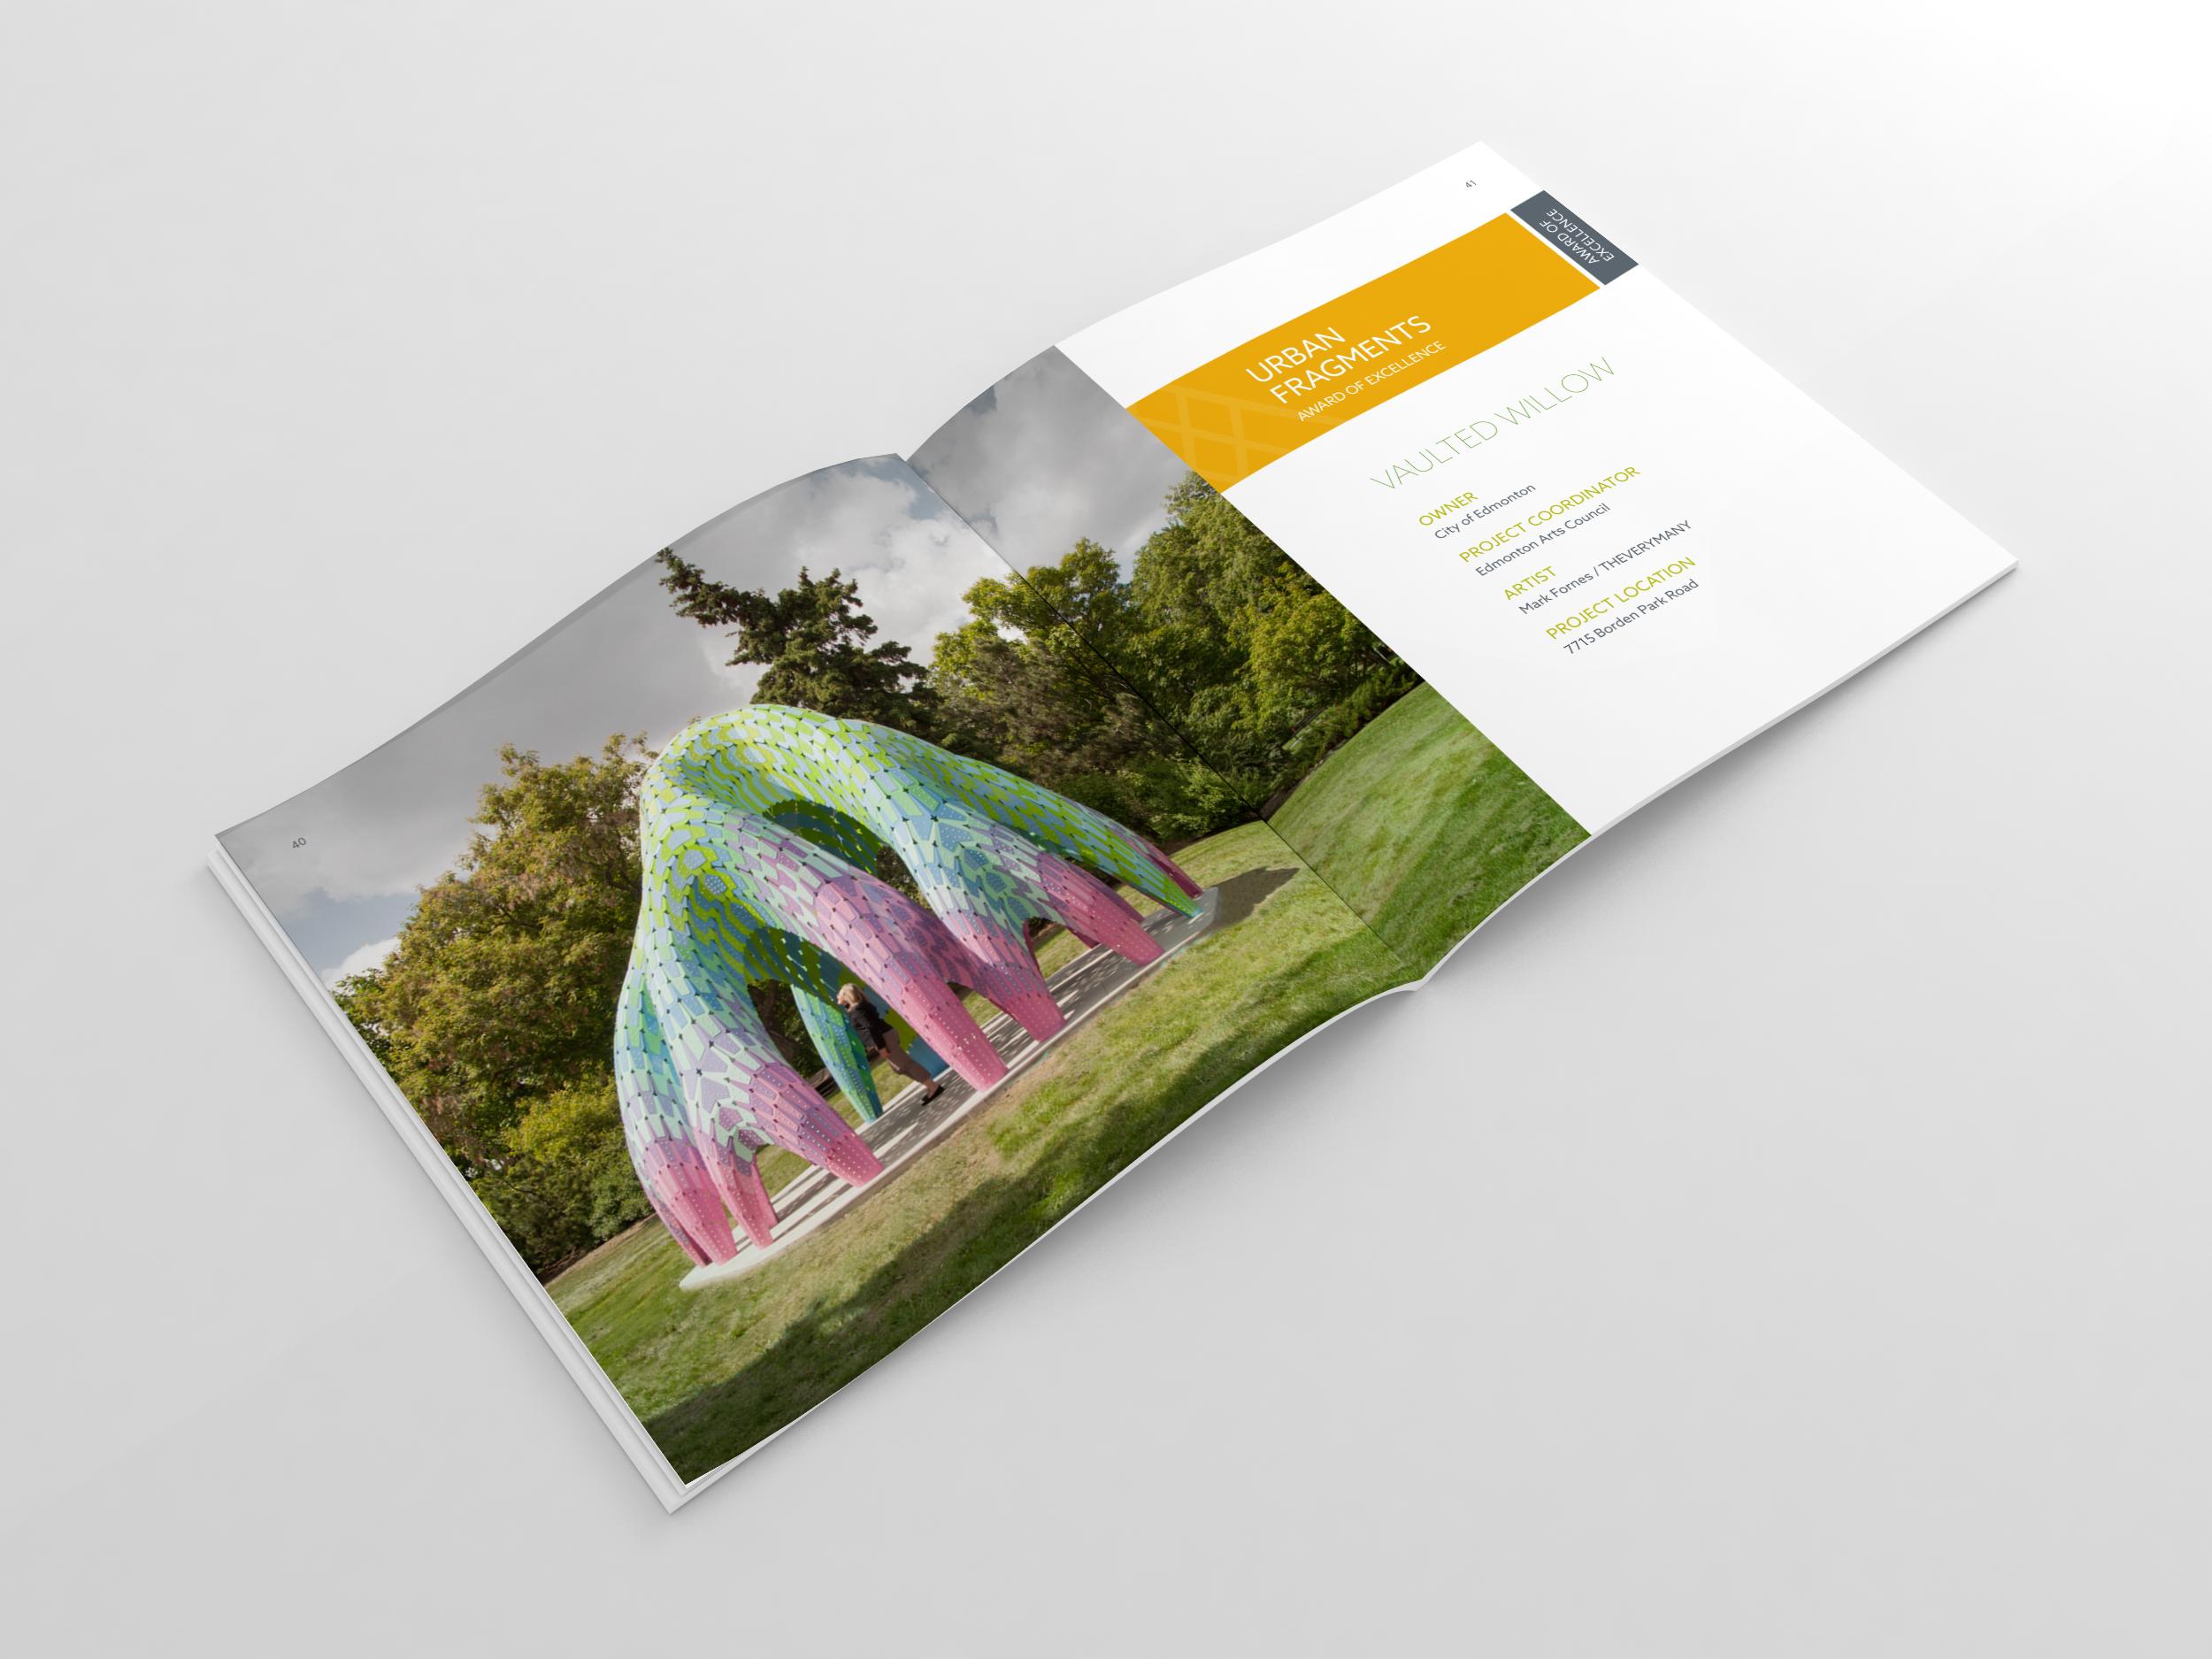 Edmonton Urban Design Awards